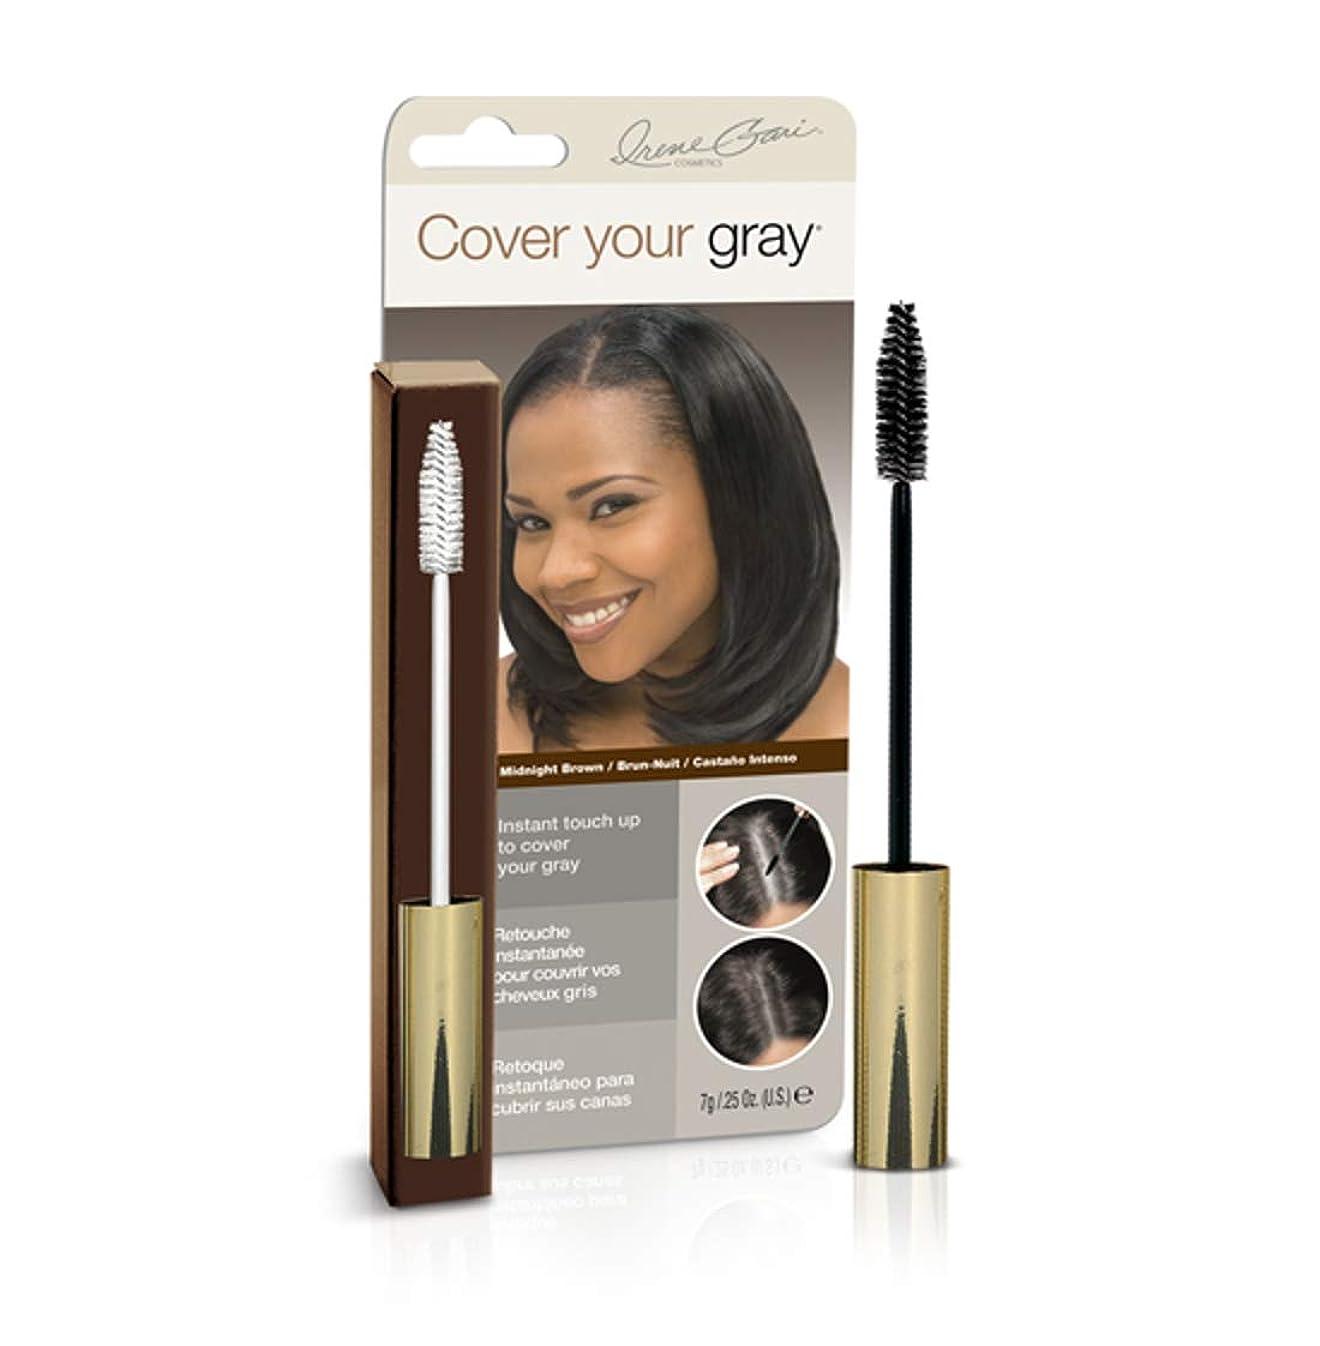 デジタル不明瞭オートCover Your Gray 女性のための一時的なタッチアップワンド - ミッドナイトブラウン